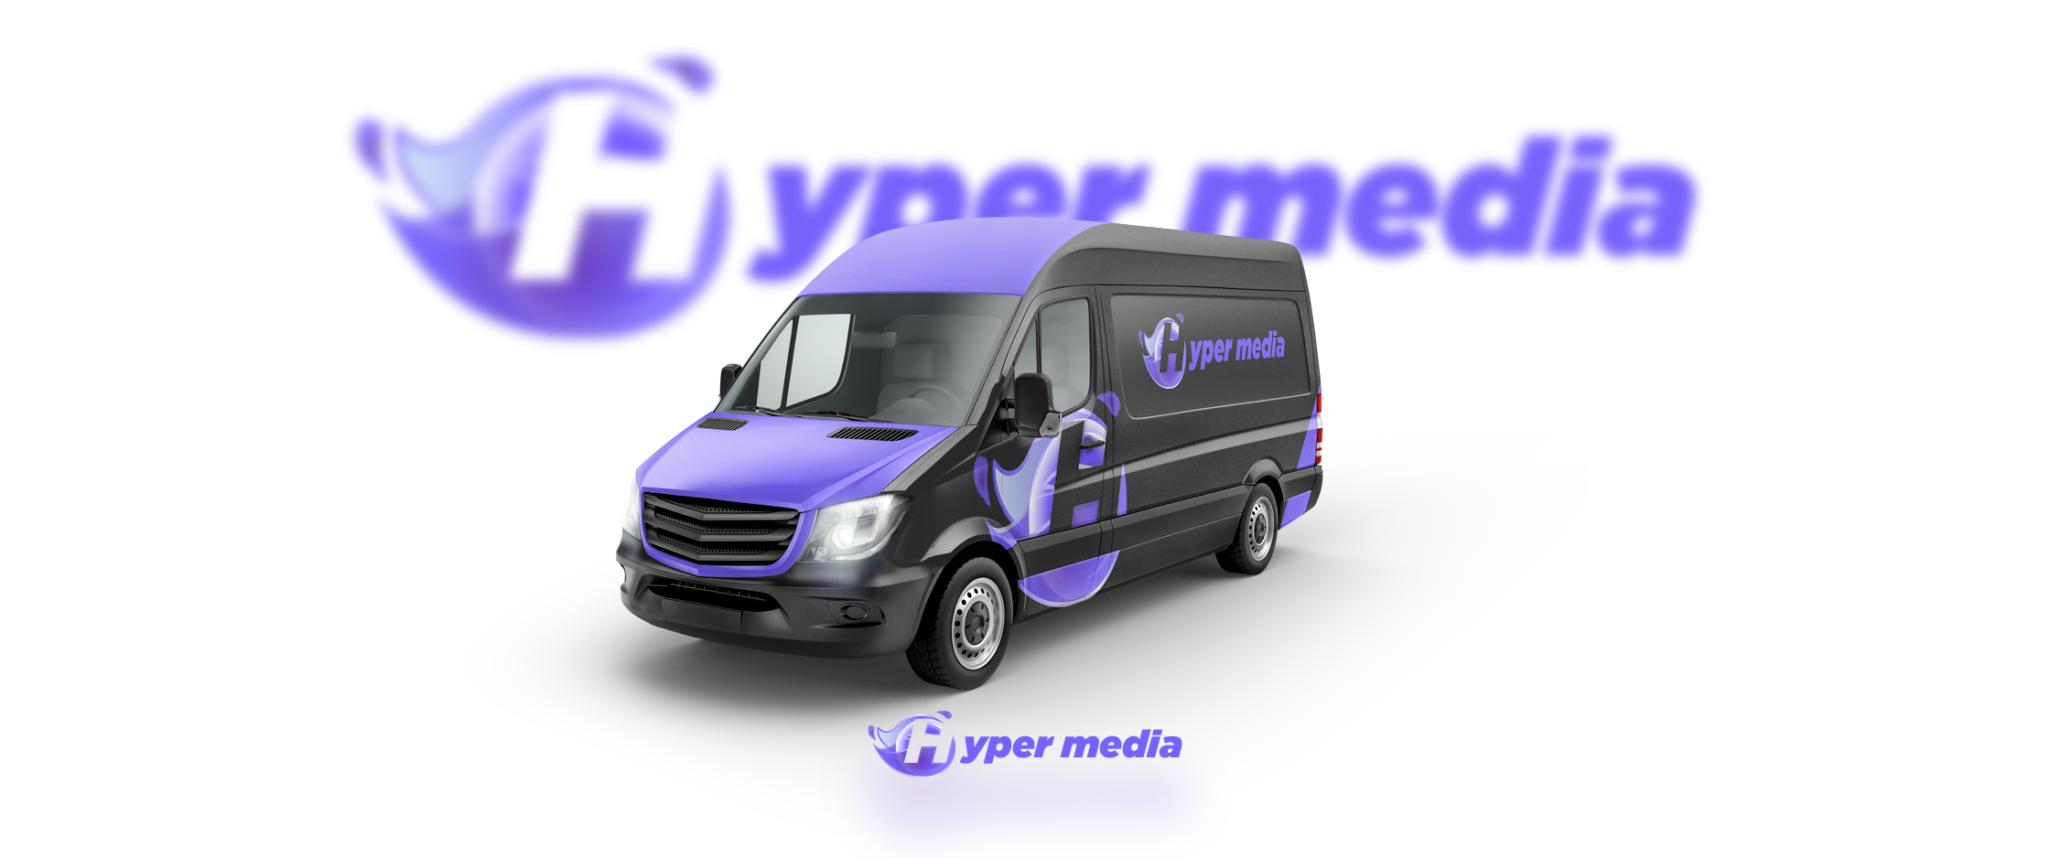 projekt logotypu i oklejanie samochodu